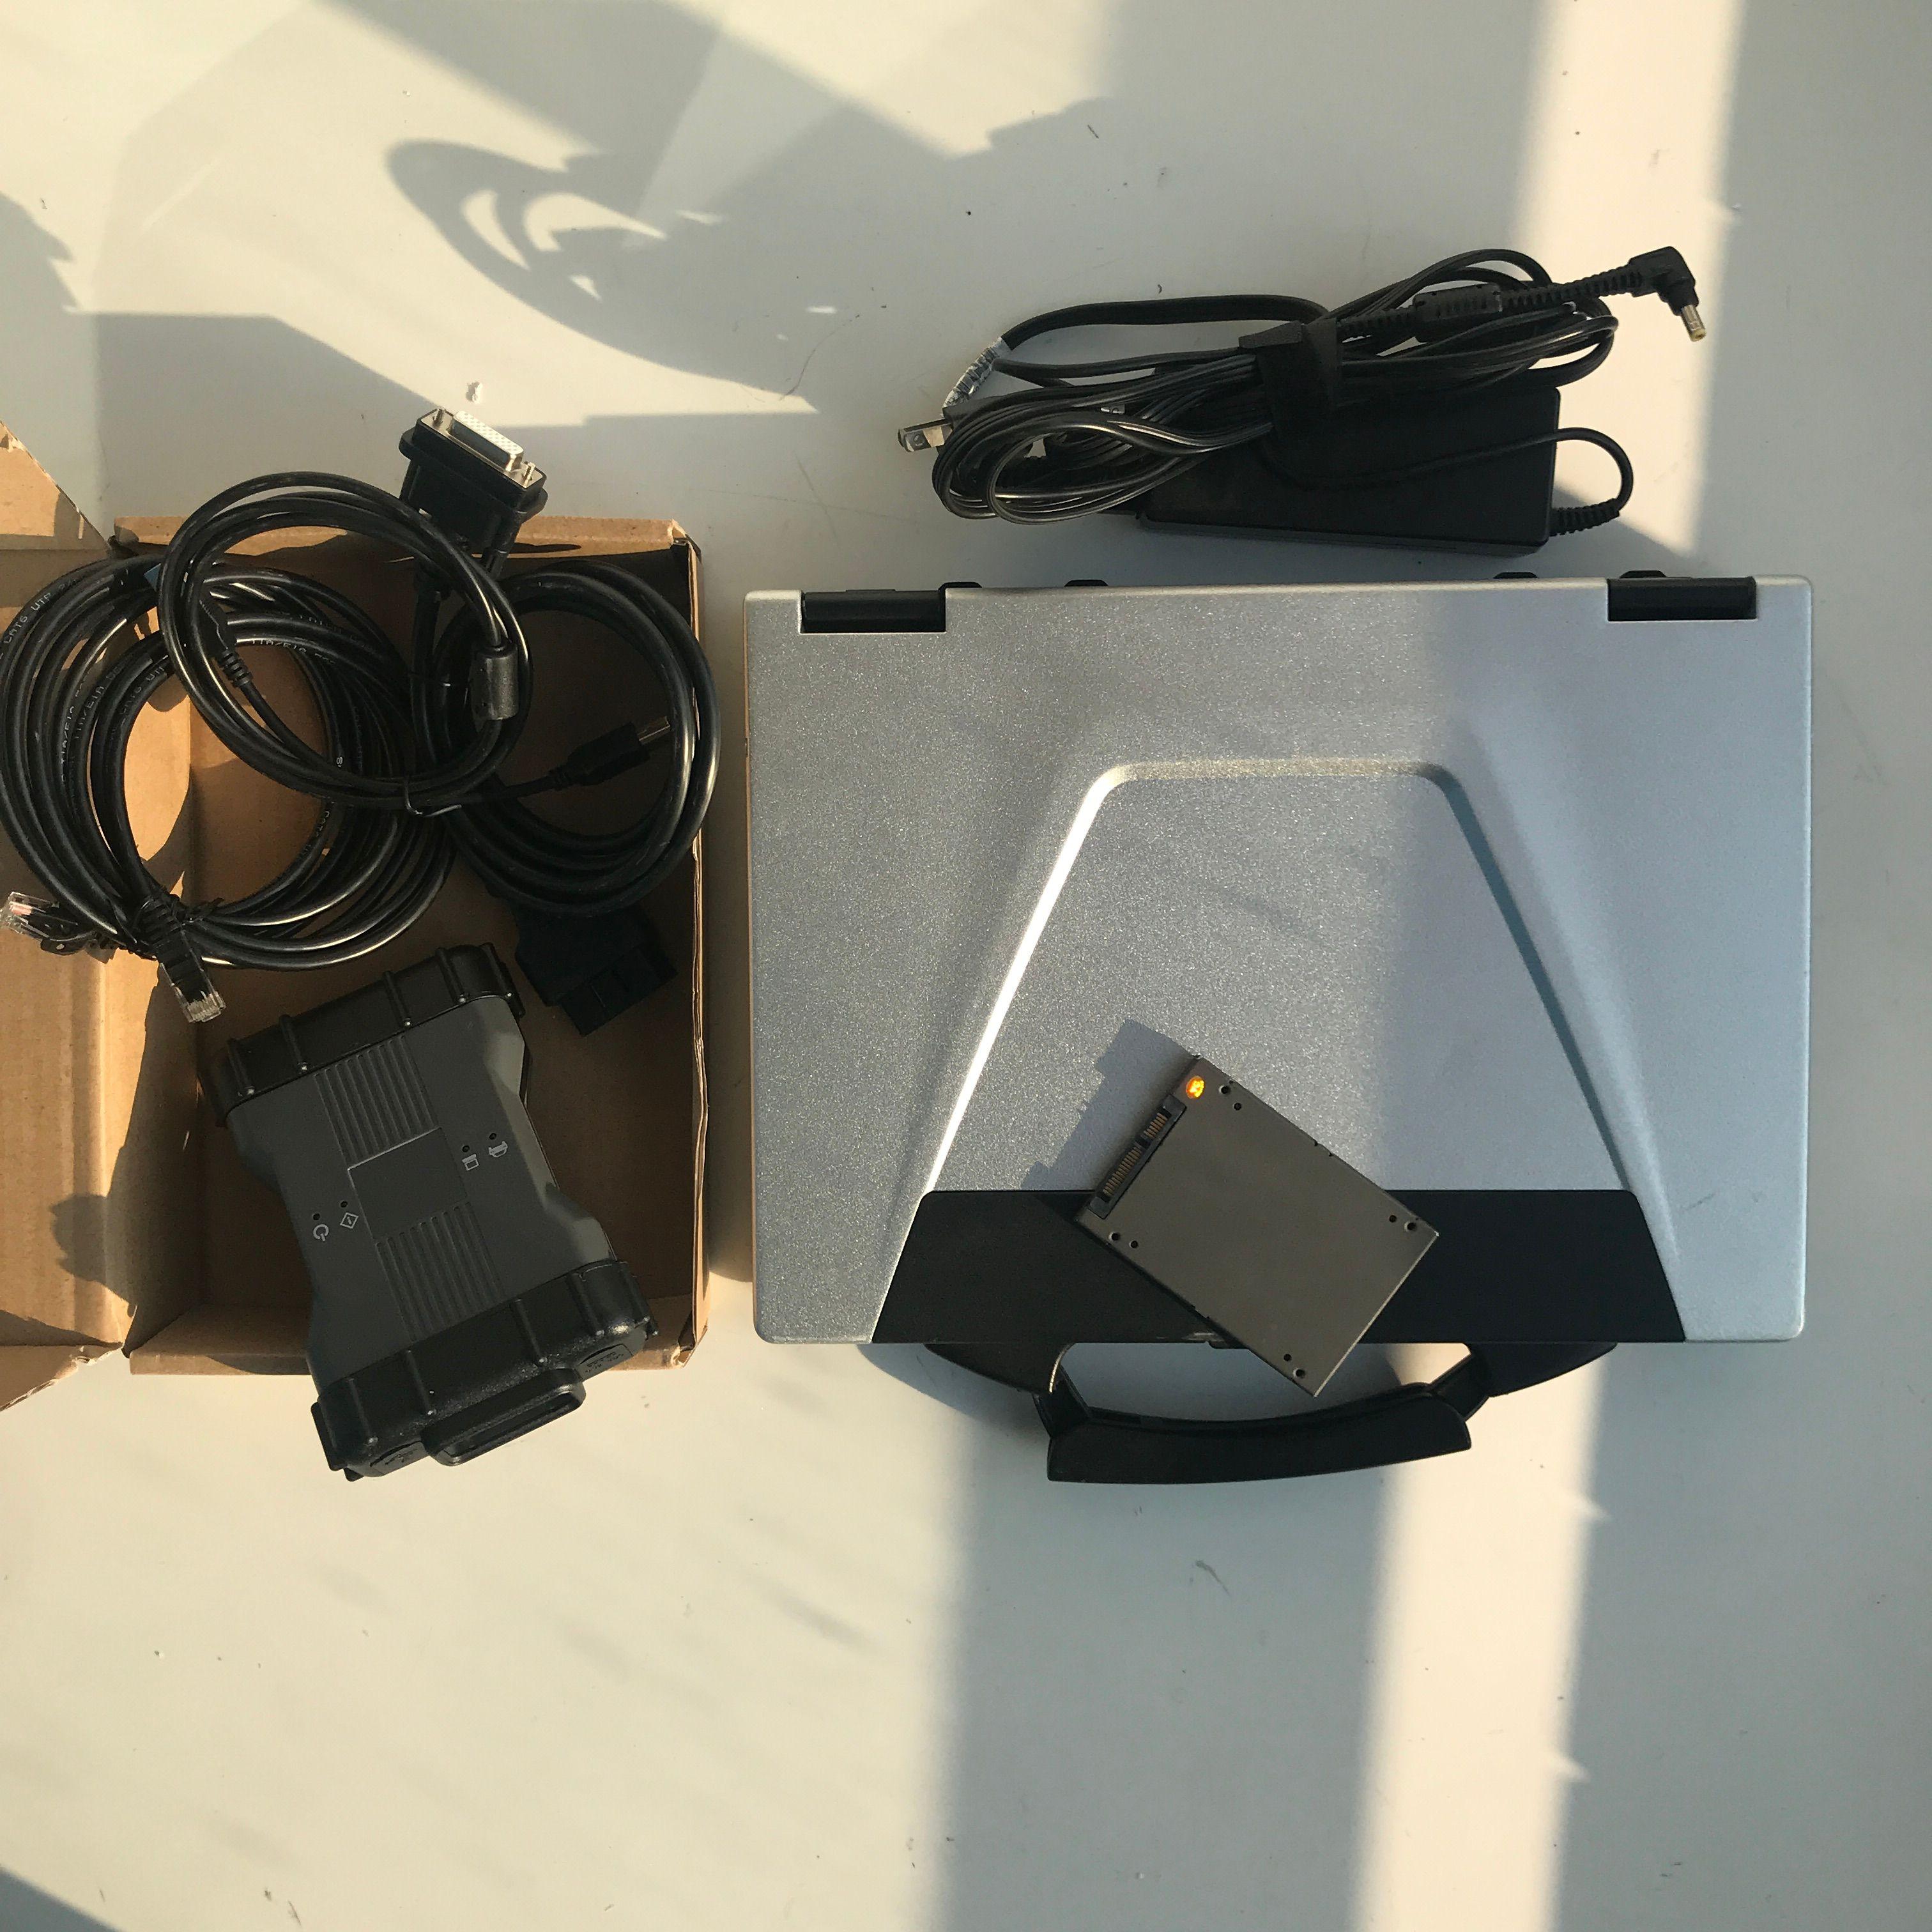 conjunto completo MB Estrela C6 SD C6 Xentry DOIP com laptop usado CF-52 OBD2 Diagnóstico Multiplexer SSD 2019.09V para BNEZ Scanner diagnóstico